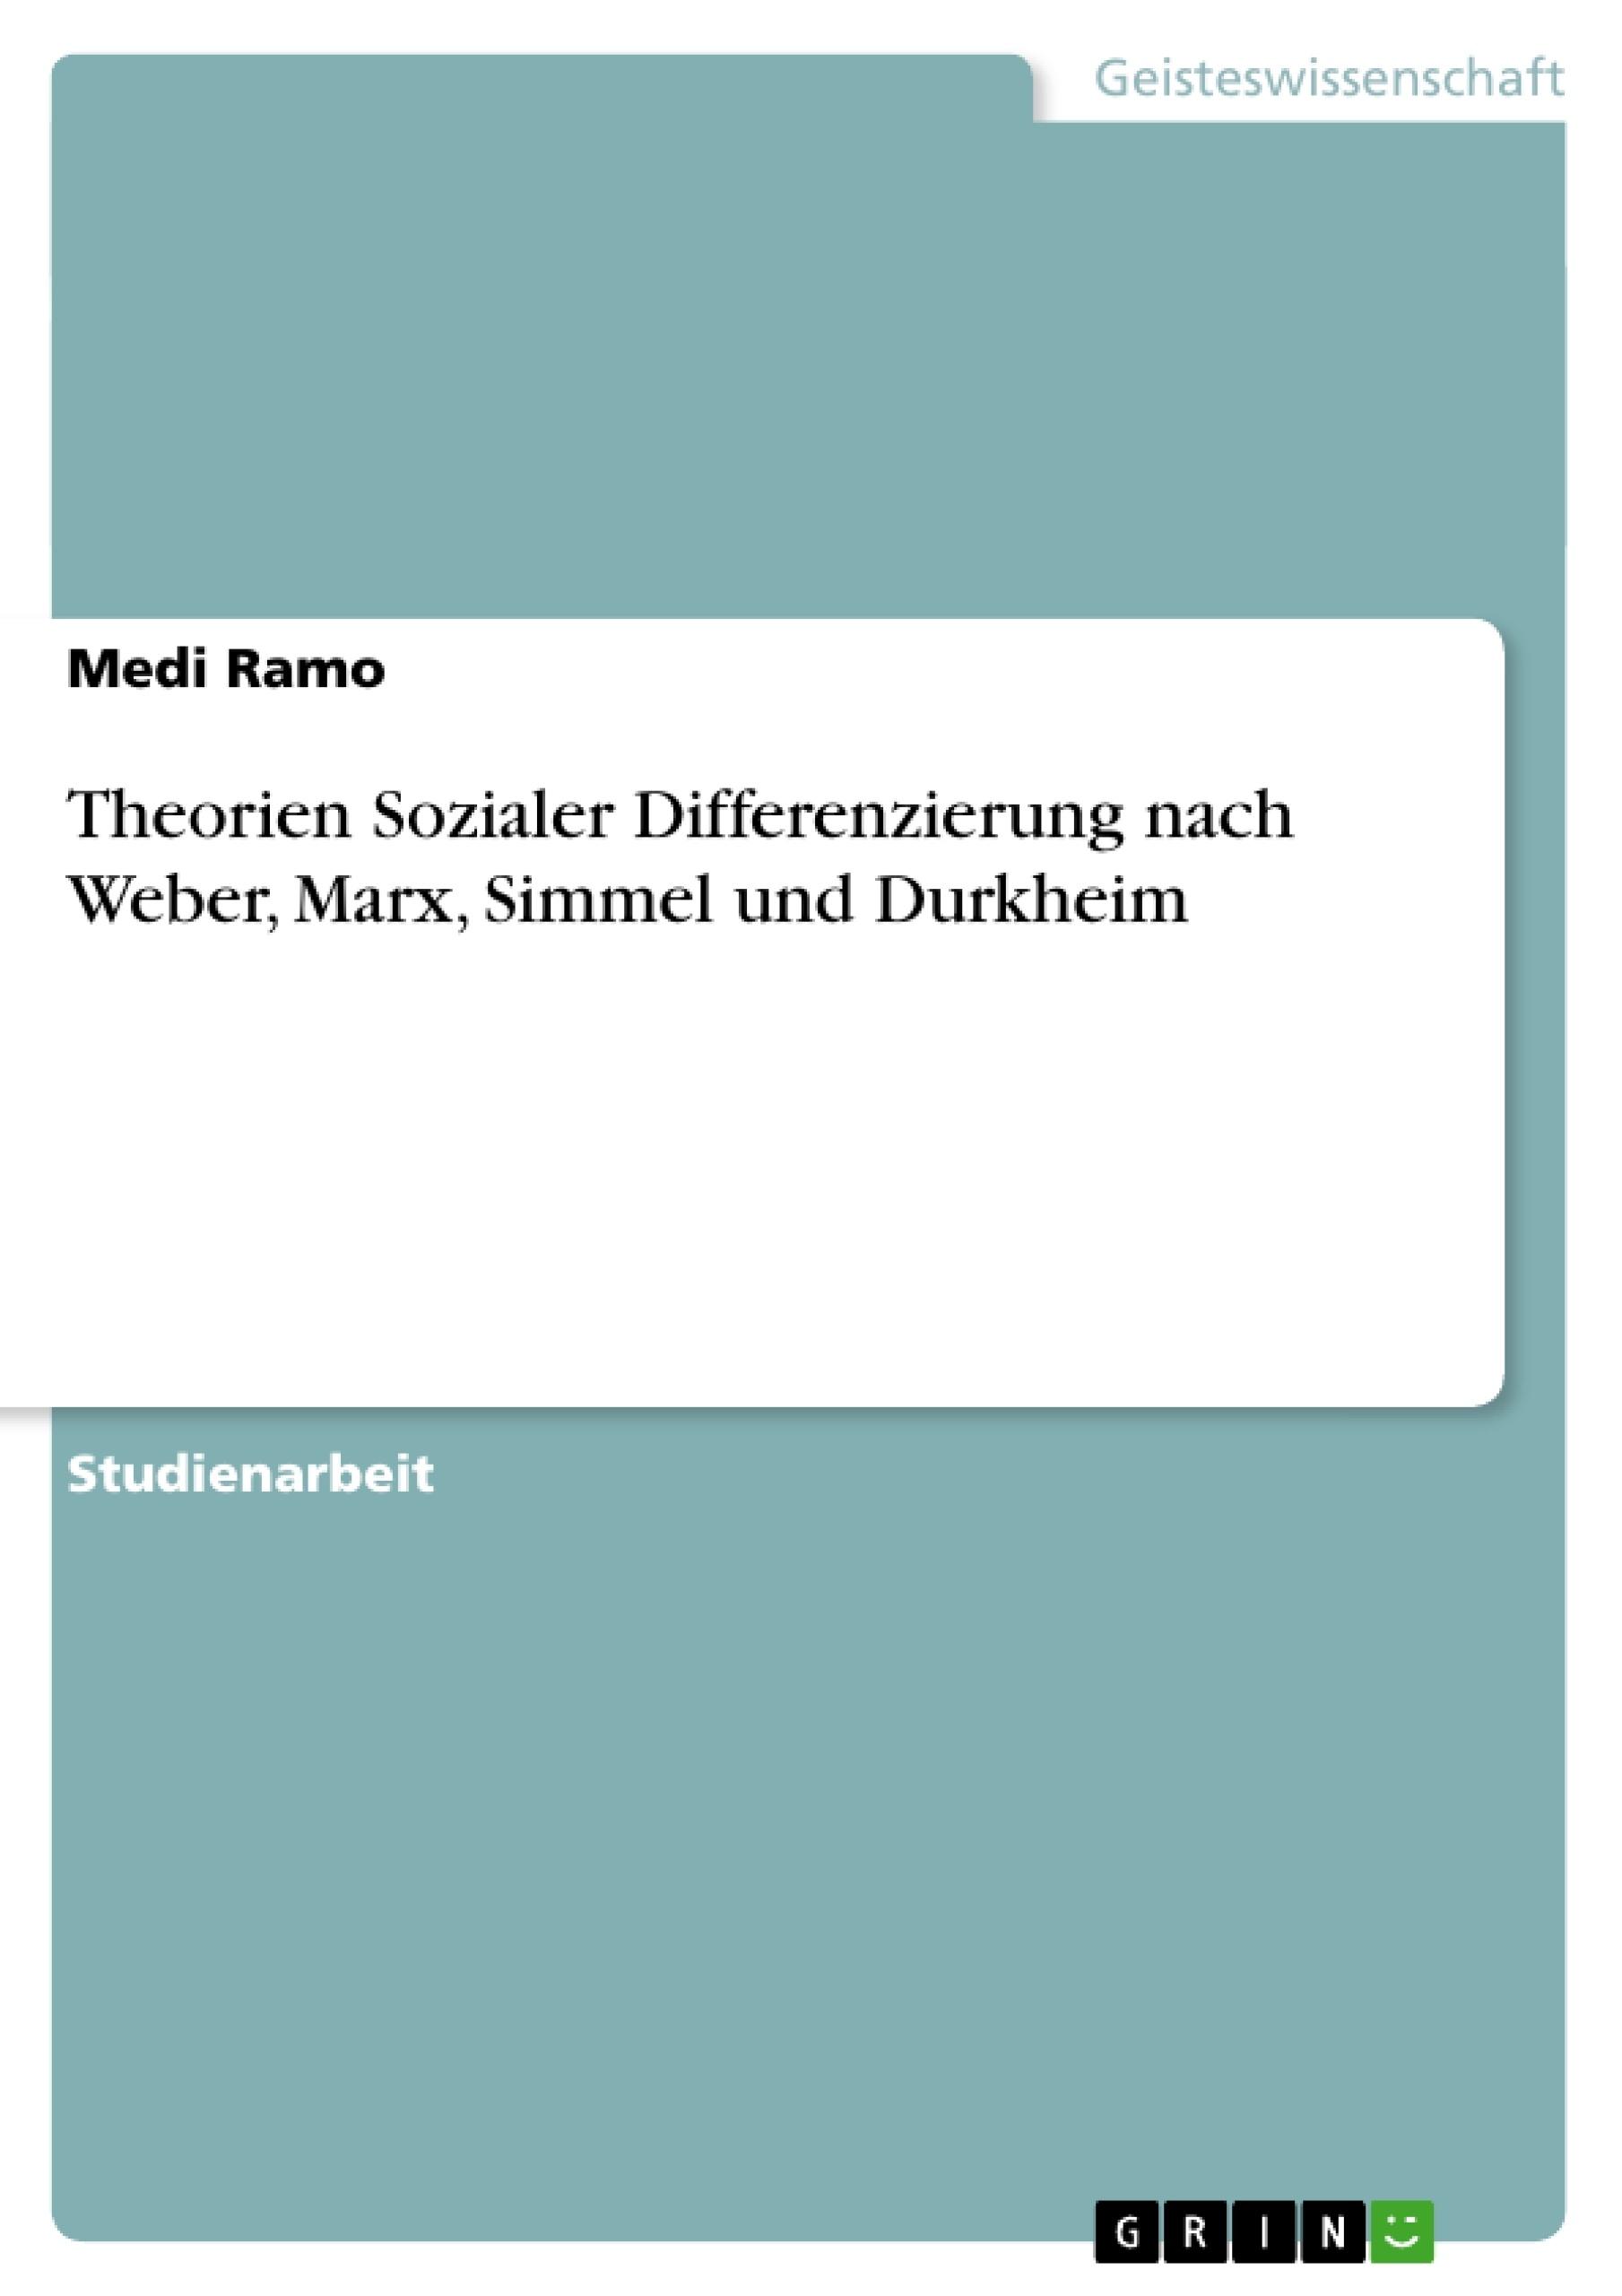 Titel: Theorien Sozialer Differenzierung nach Weber, Marx, Simmel und Durkheim